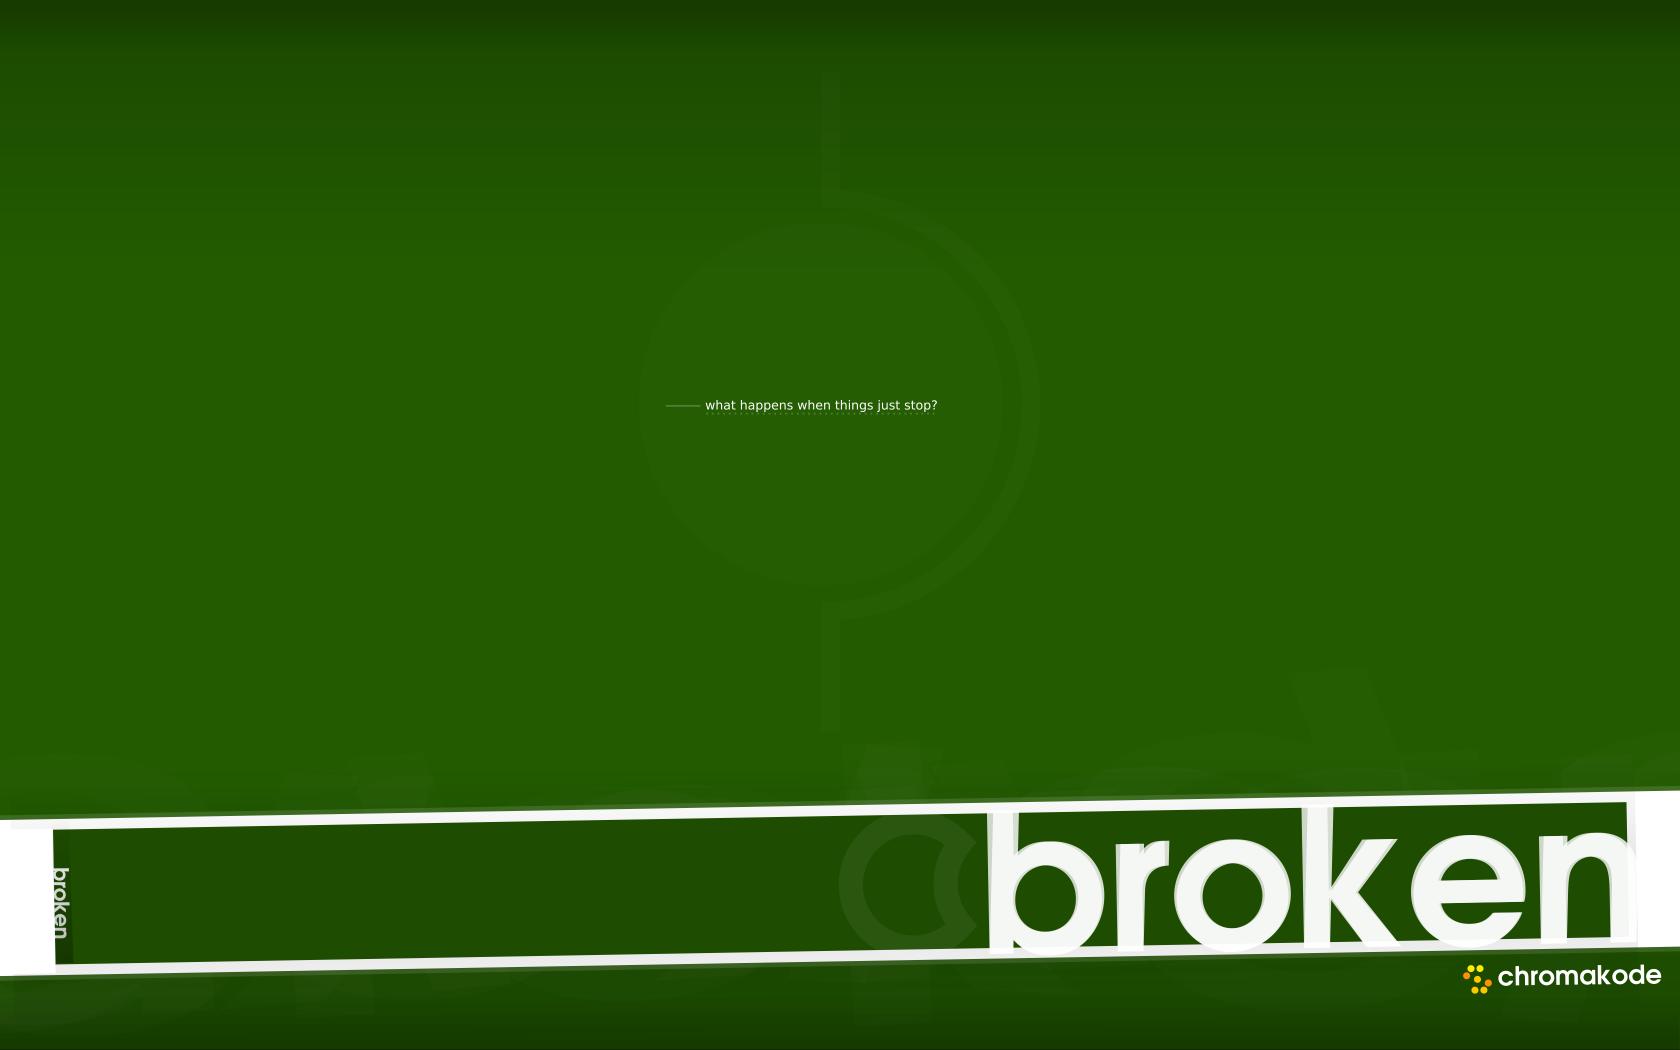 Broken - Widescreen by Chromakode